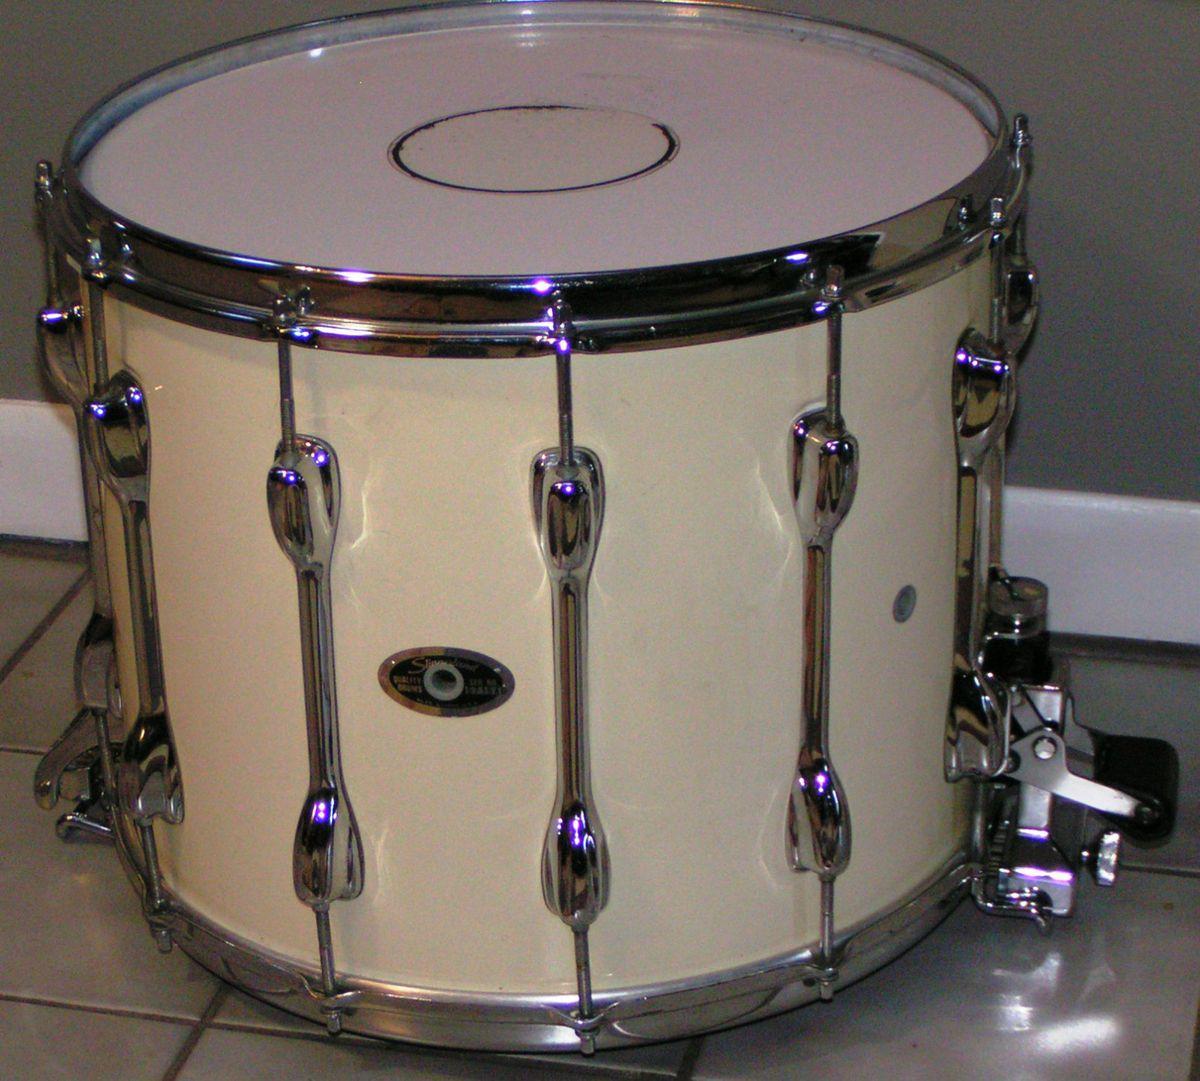 slingerland tdr marching snare drum 15 x 12 w kevlar head. Black Bedroom Furniture Sets. Home Design Ideas